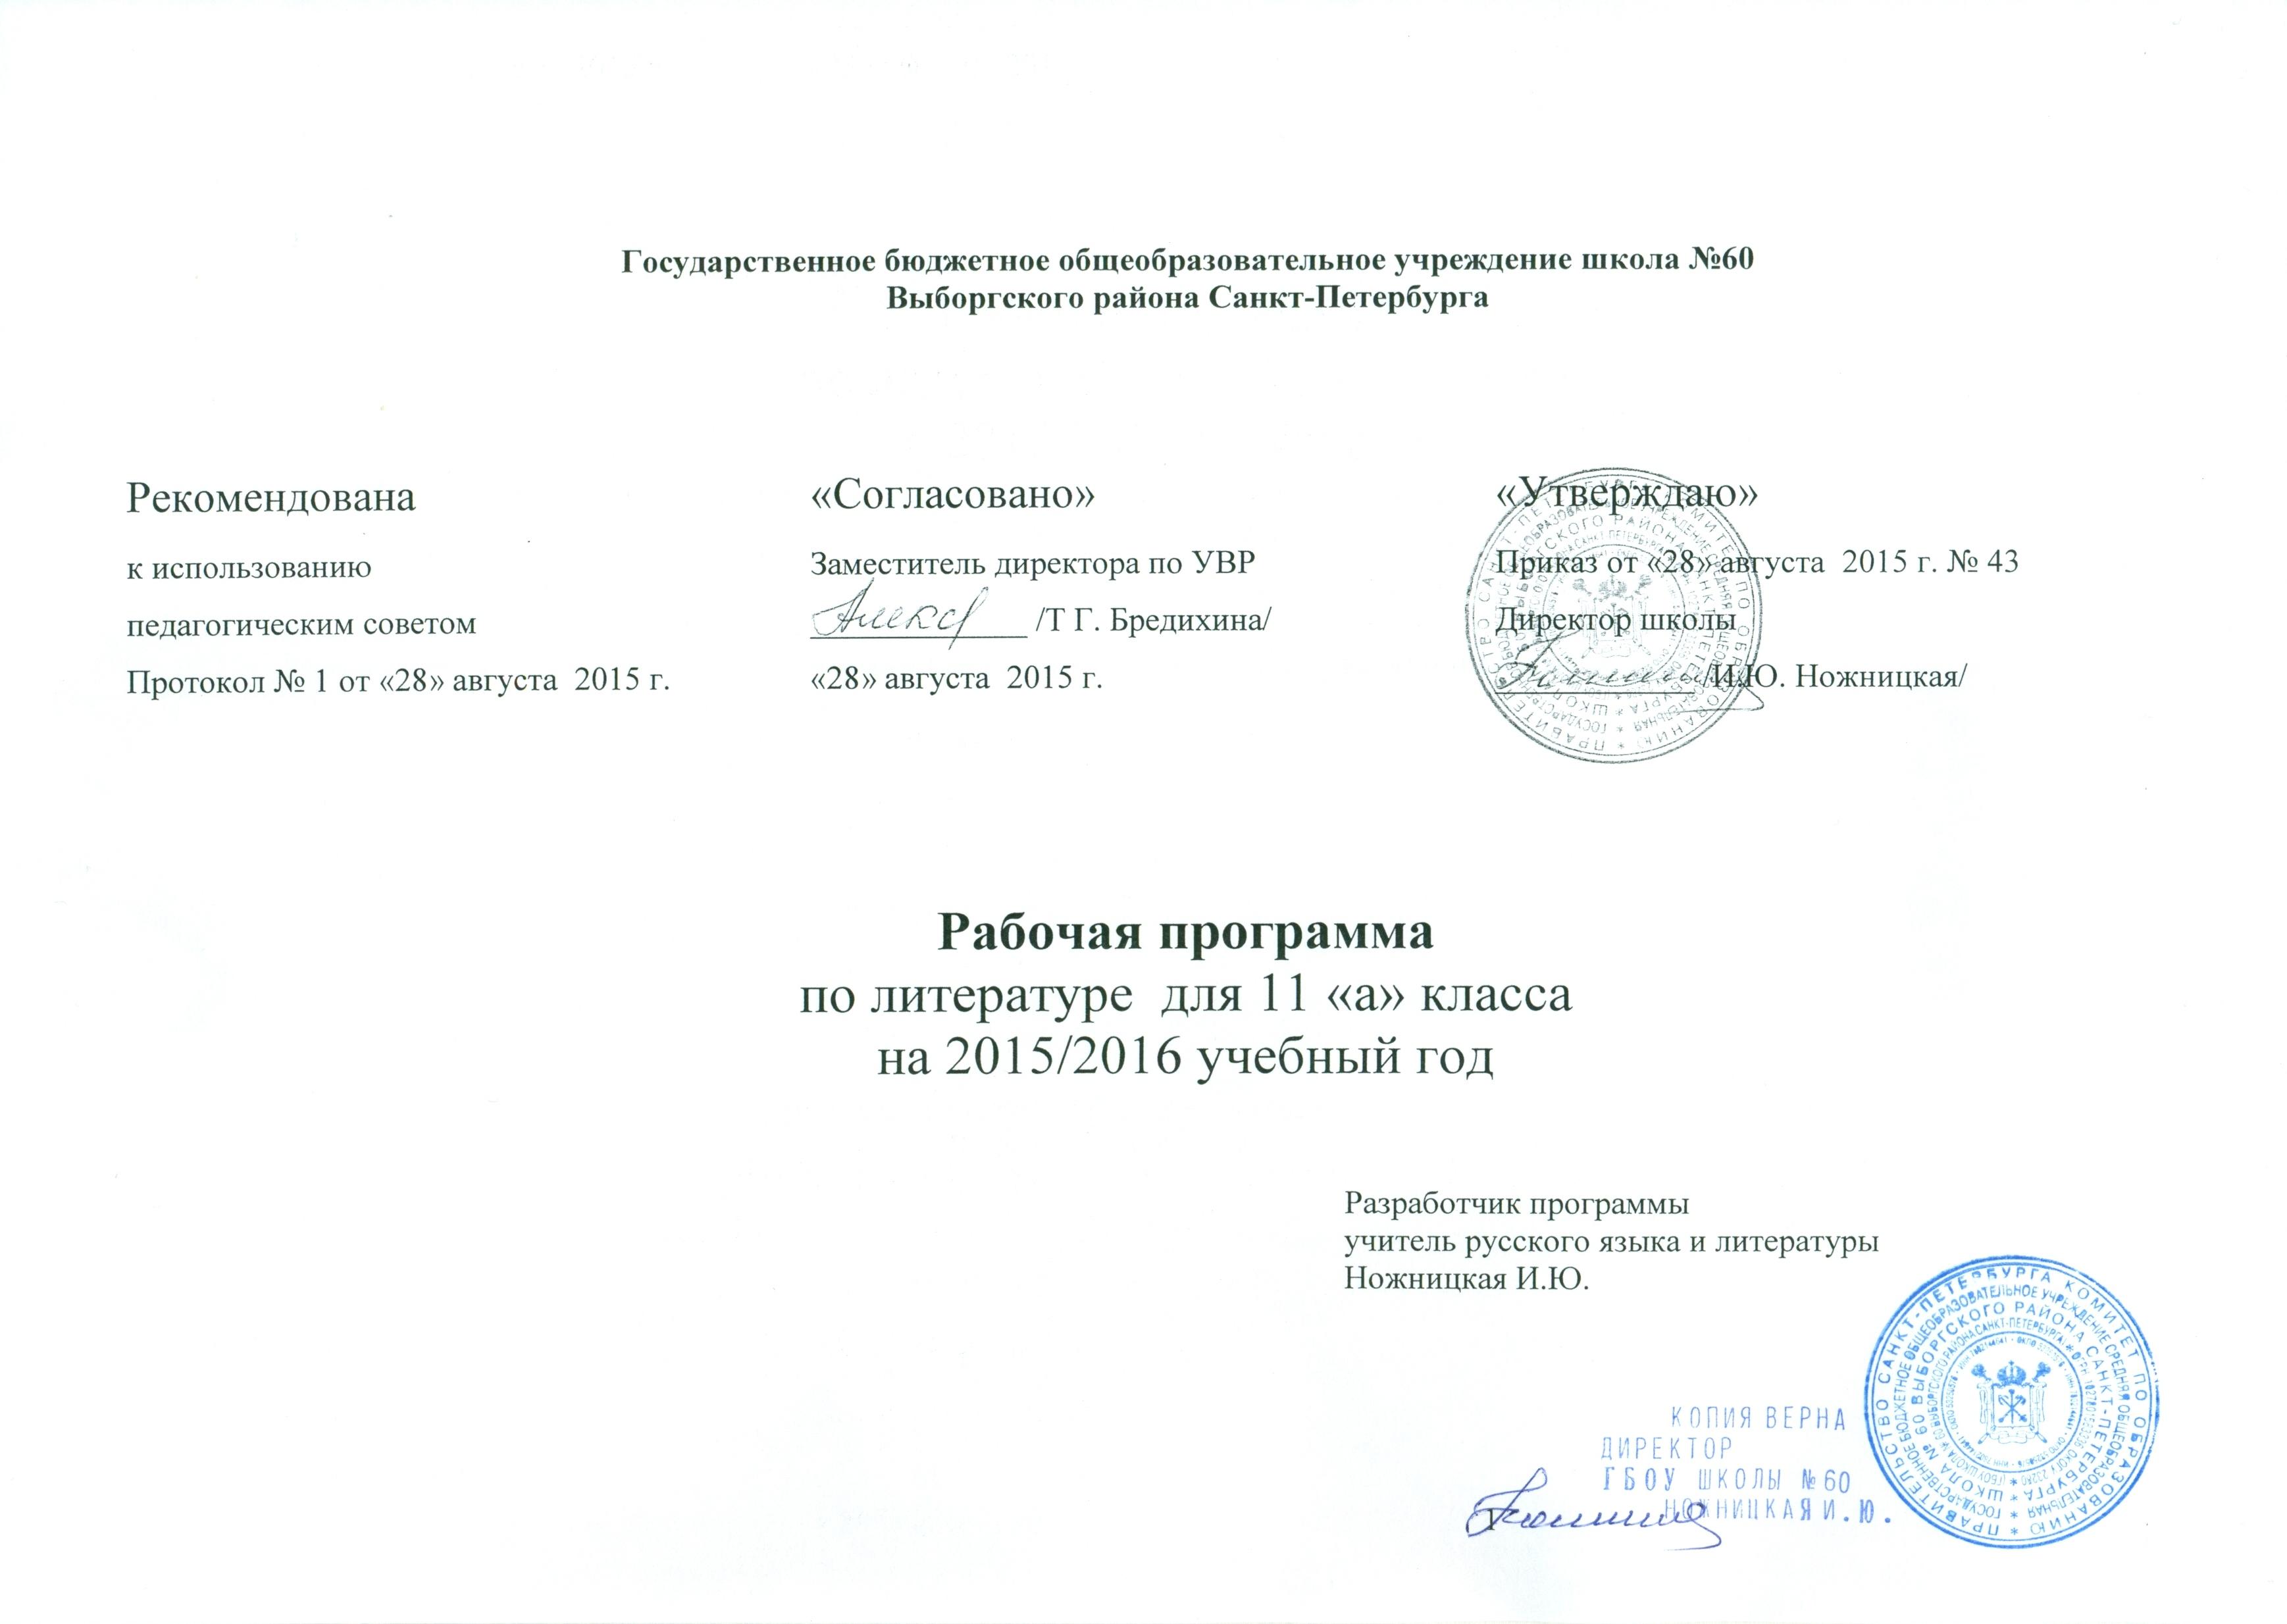 epigraf-k-sochineniyu-budushee-v-pese-vishneviy-sad